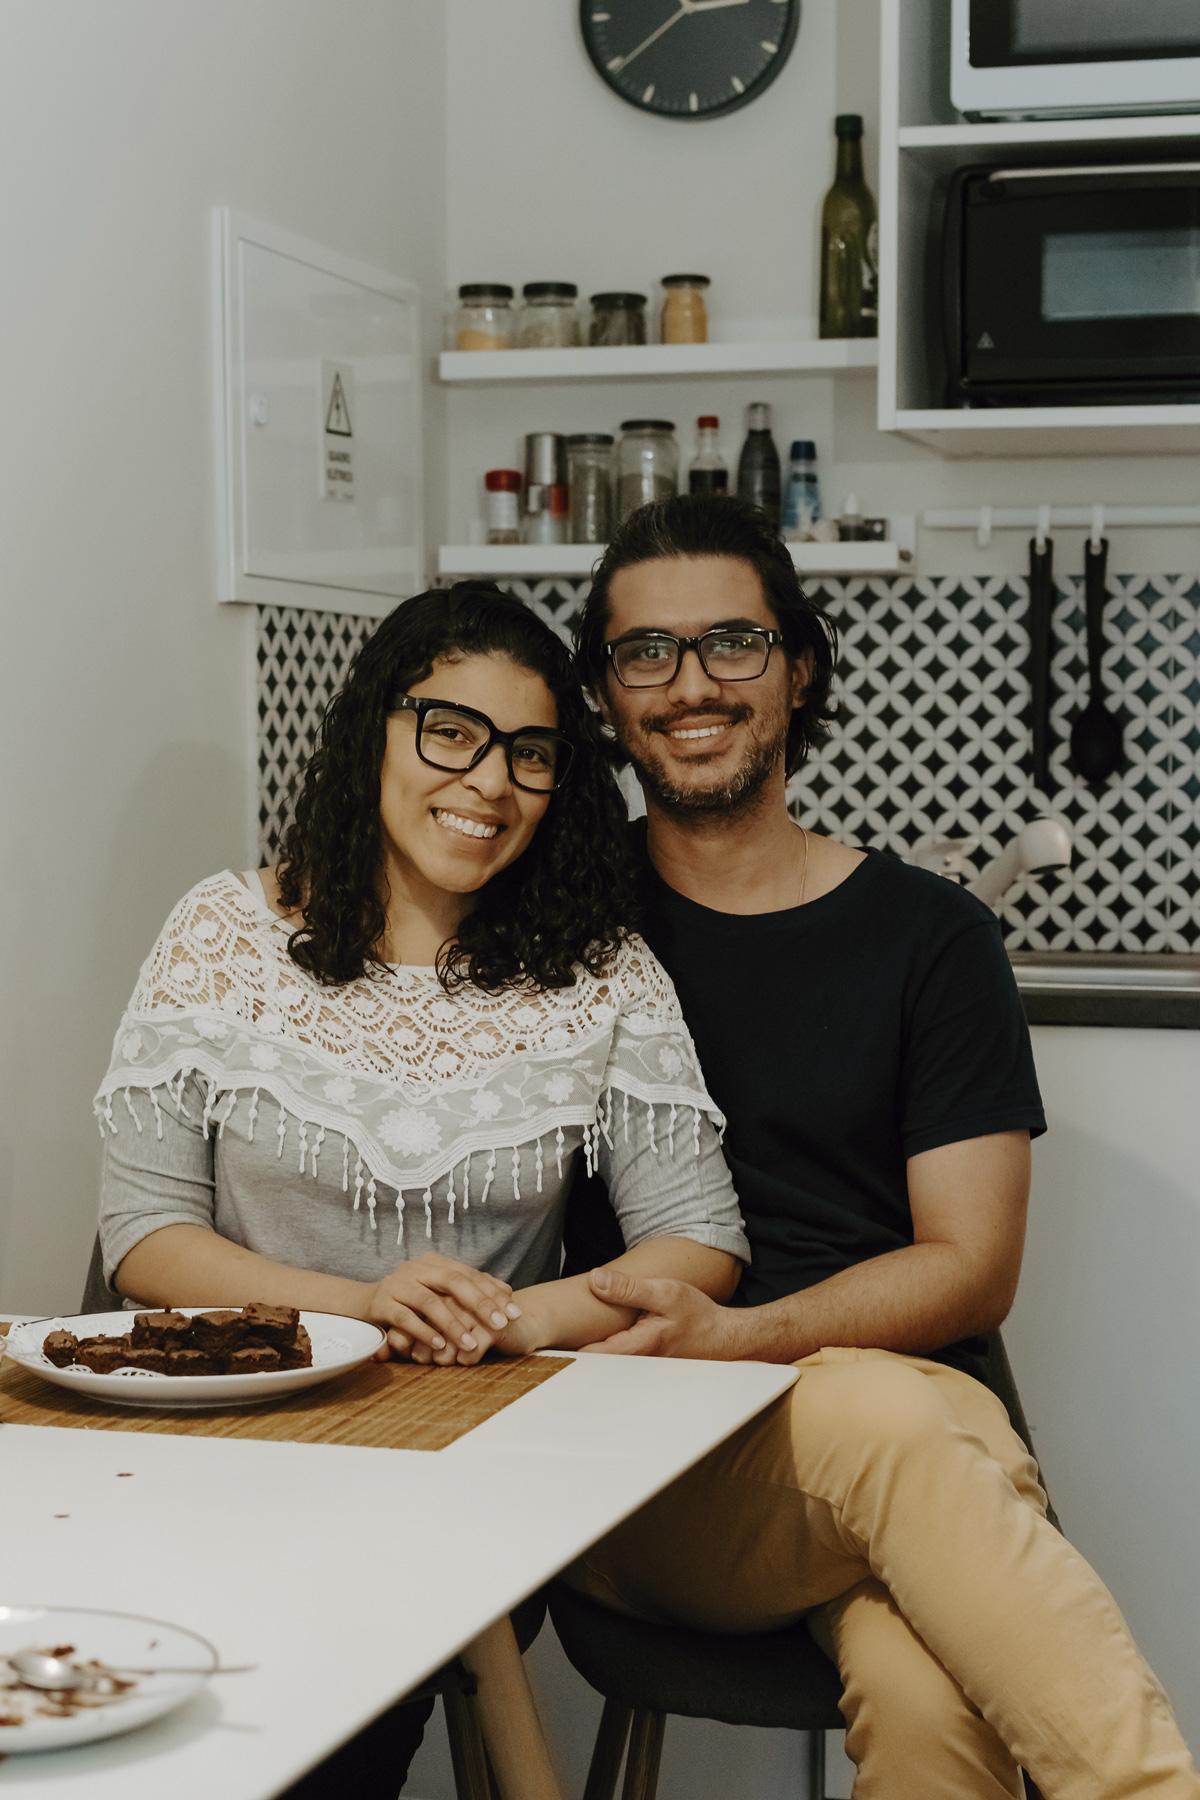 Vanessa Oliveira e Thiago Motta, Brasil | Fotografia ©Alicja Trojnar